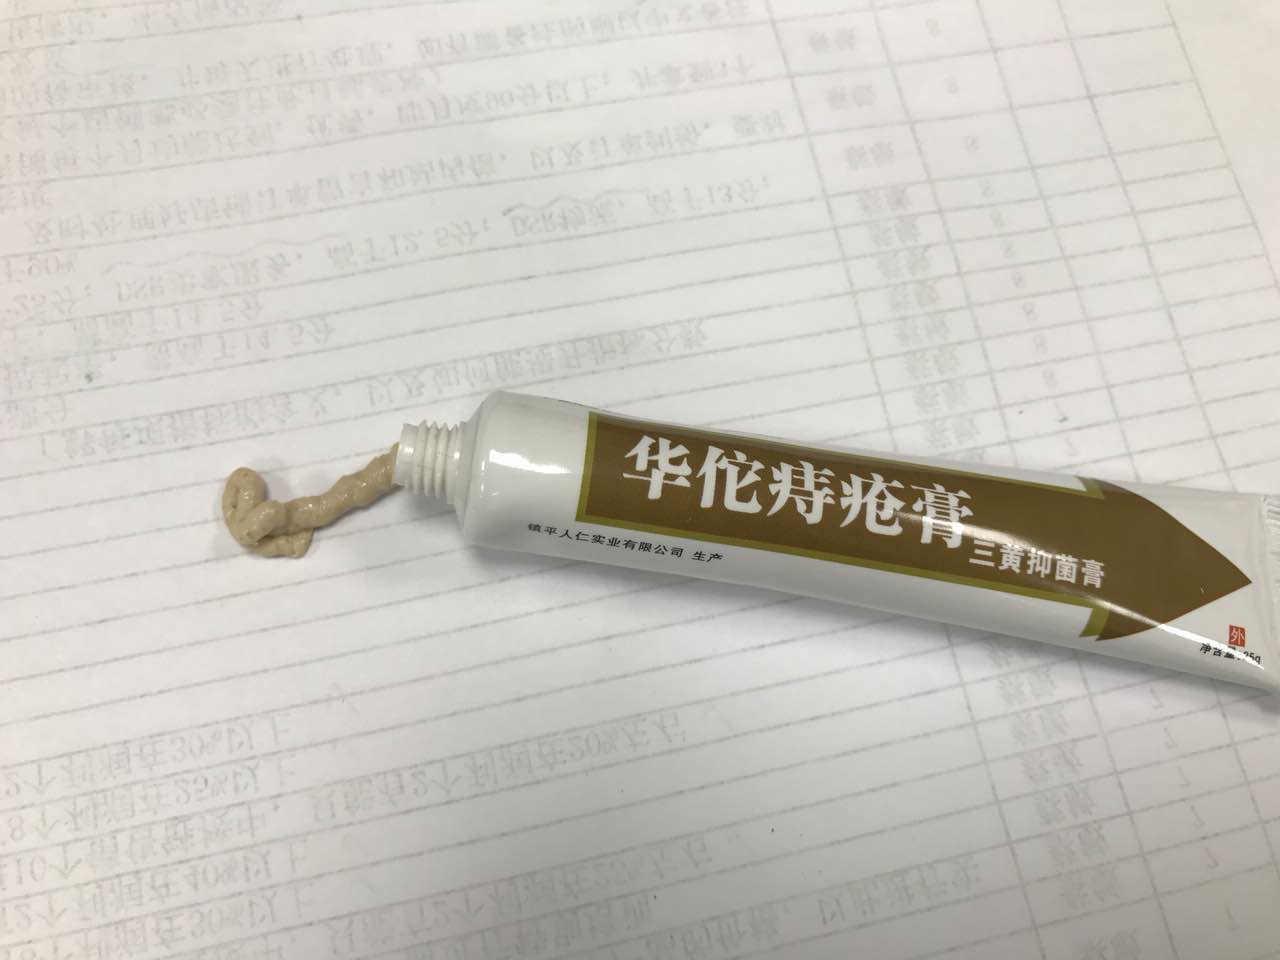 1 шт. геморроя мазь 100% оригинальный вьетнамский Китайский крем для обезболивания боли внешняя Анальная трещина медицинский штукатурка P1002